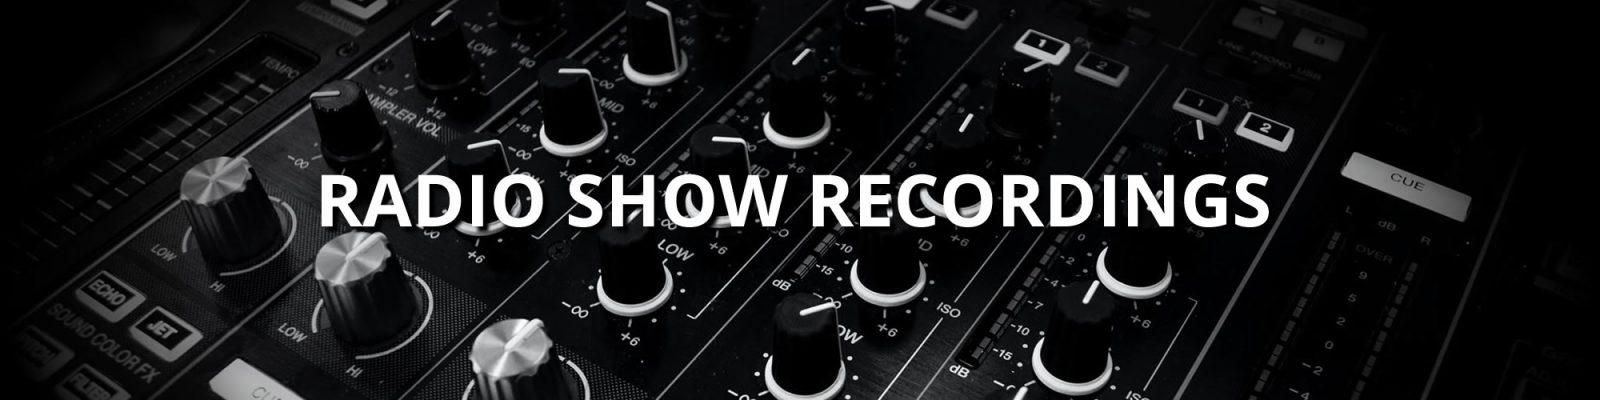 DnB Radio Recordings by Mr Nitro